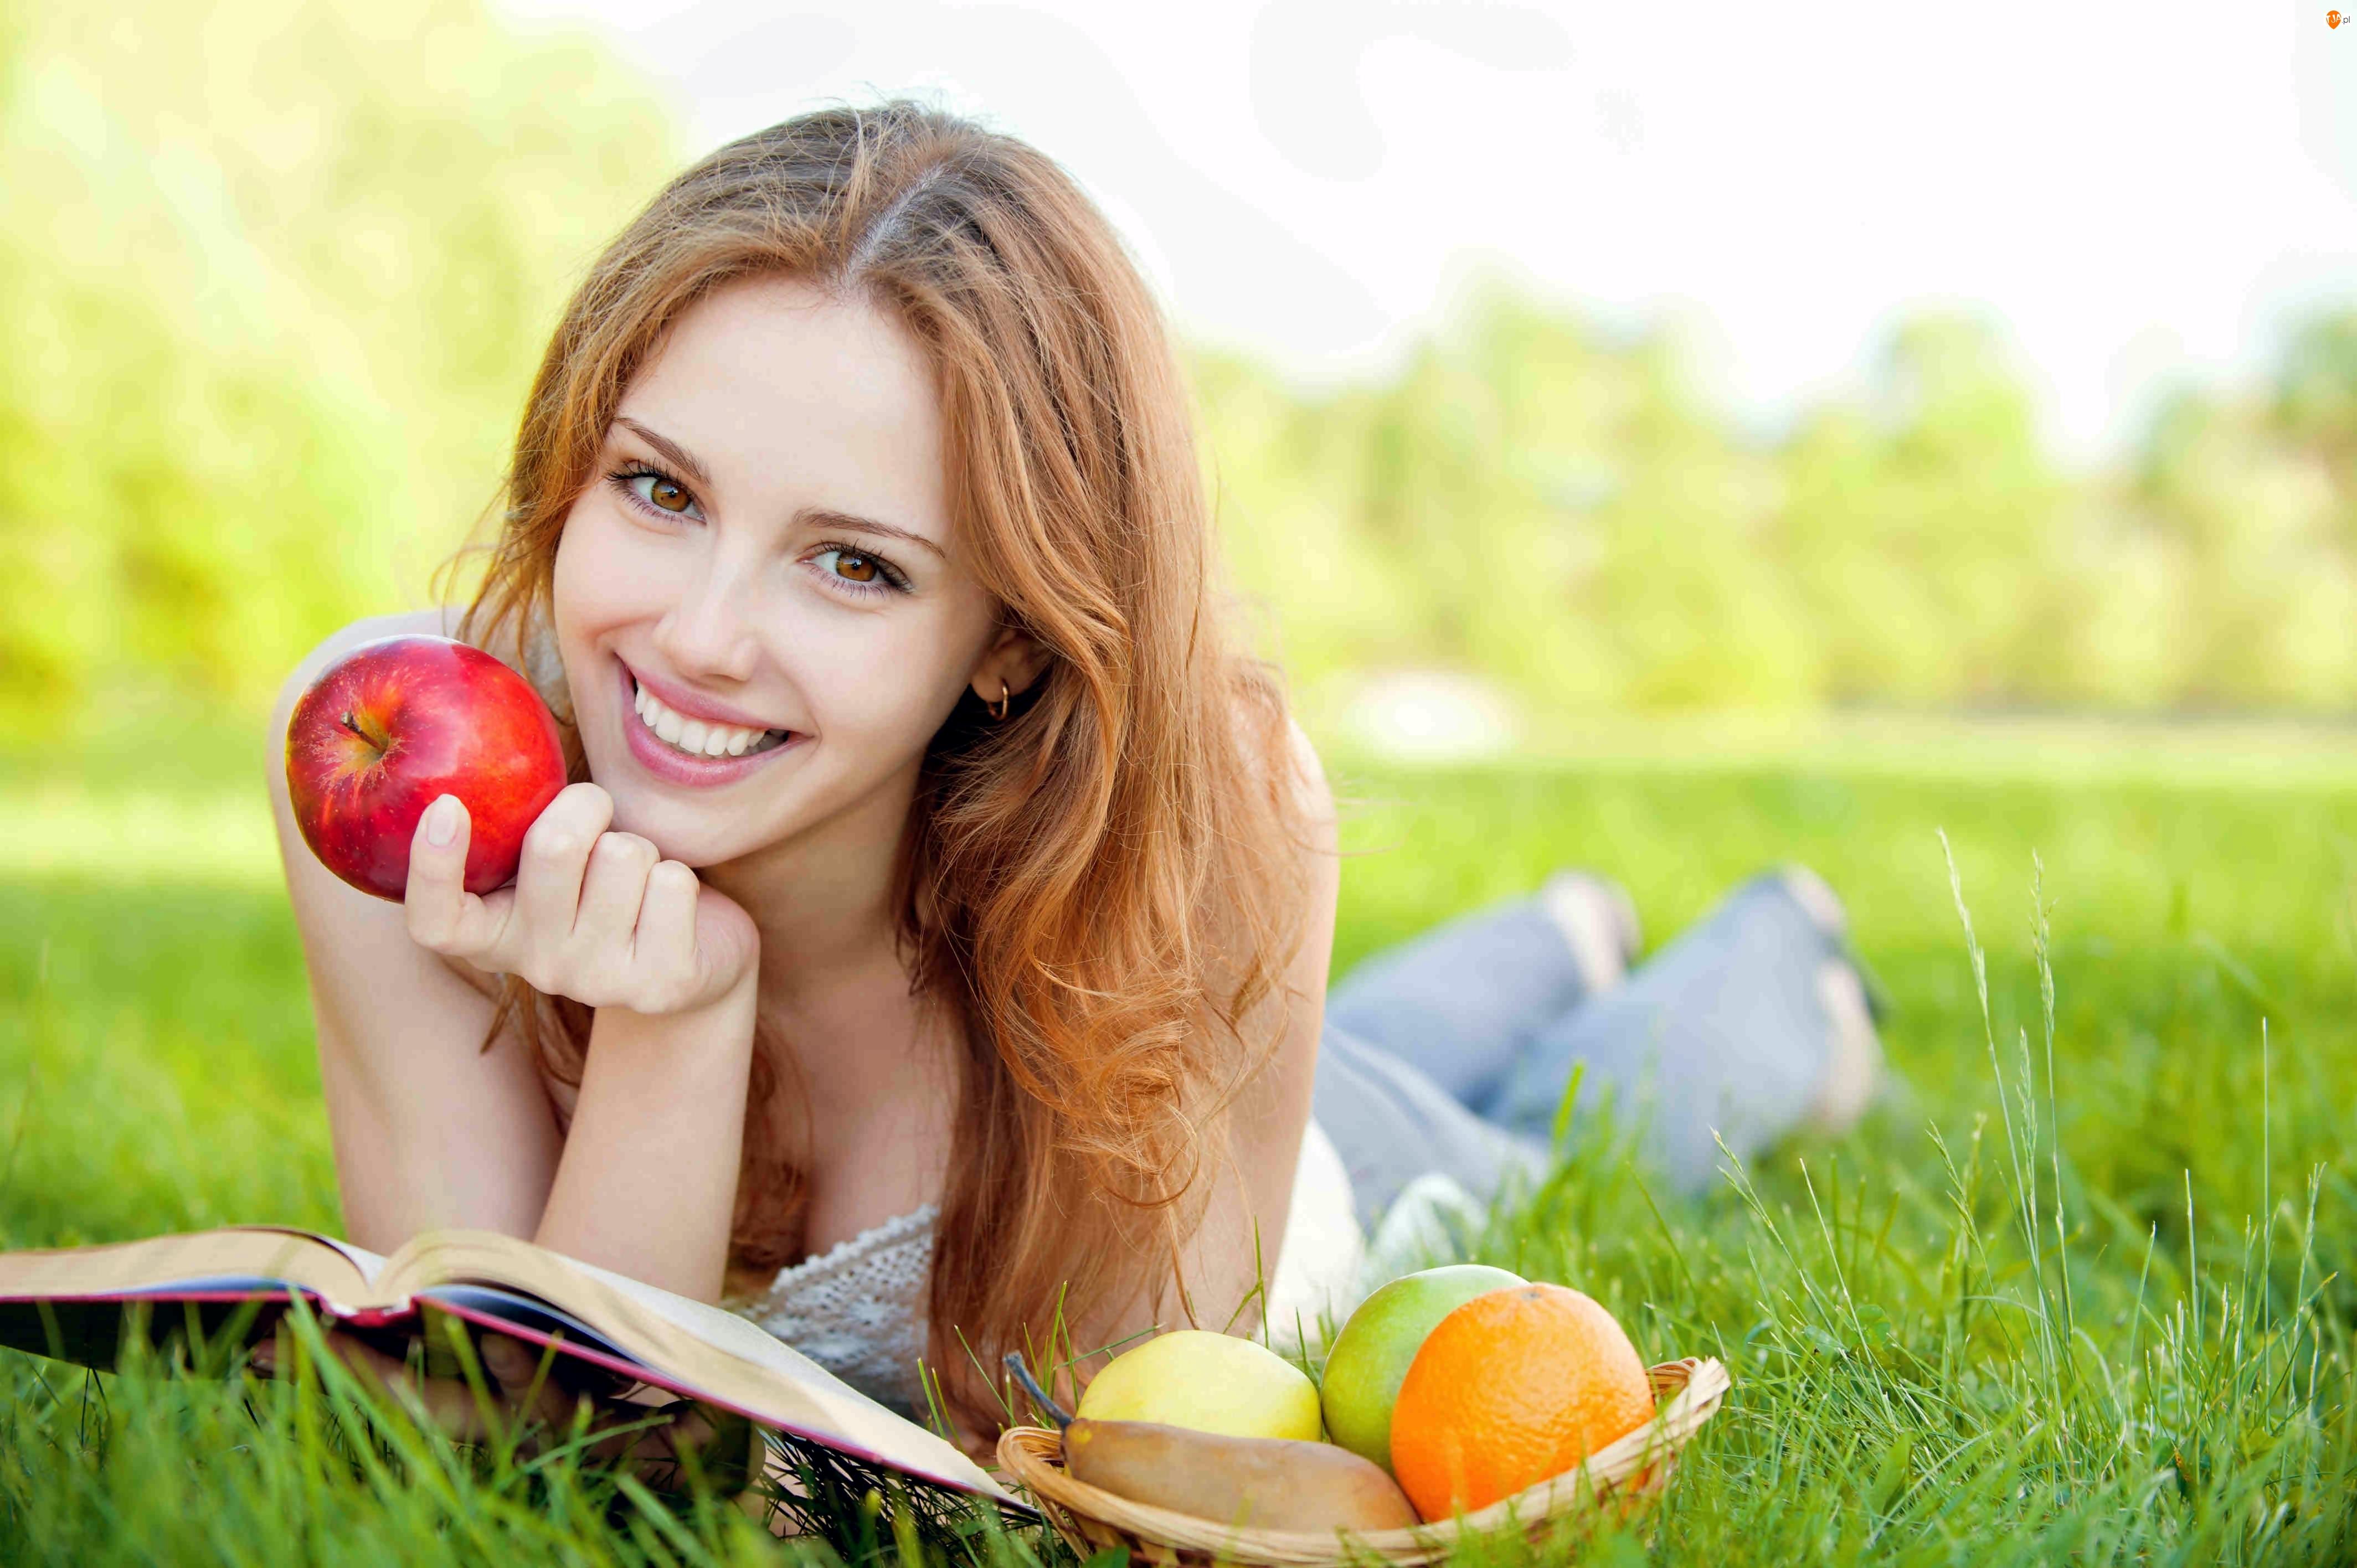 Książką, Trawie, Dziewczyna, Owoce, Z, Na